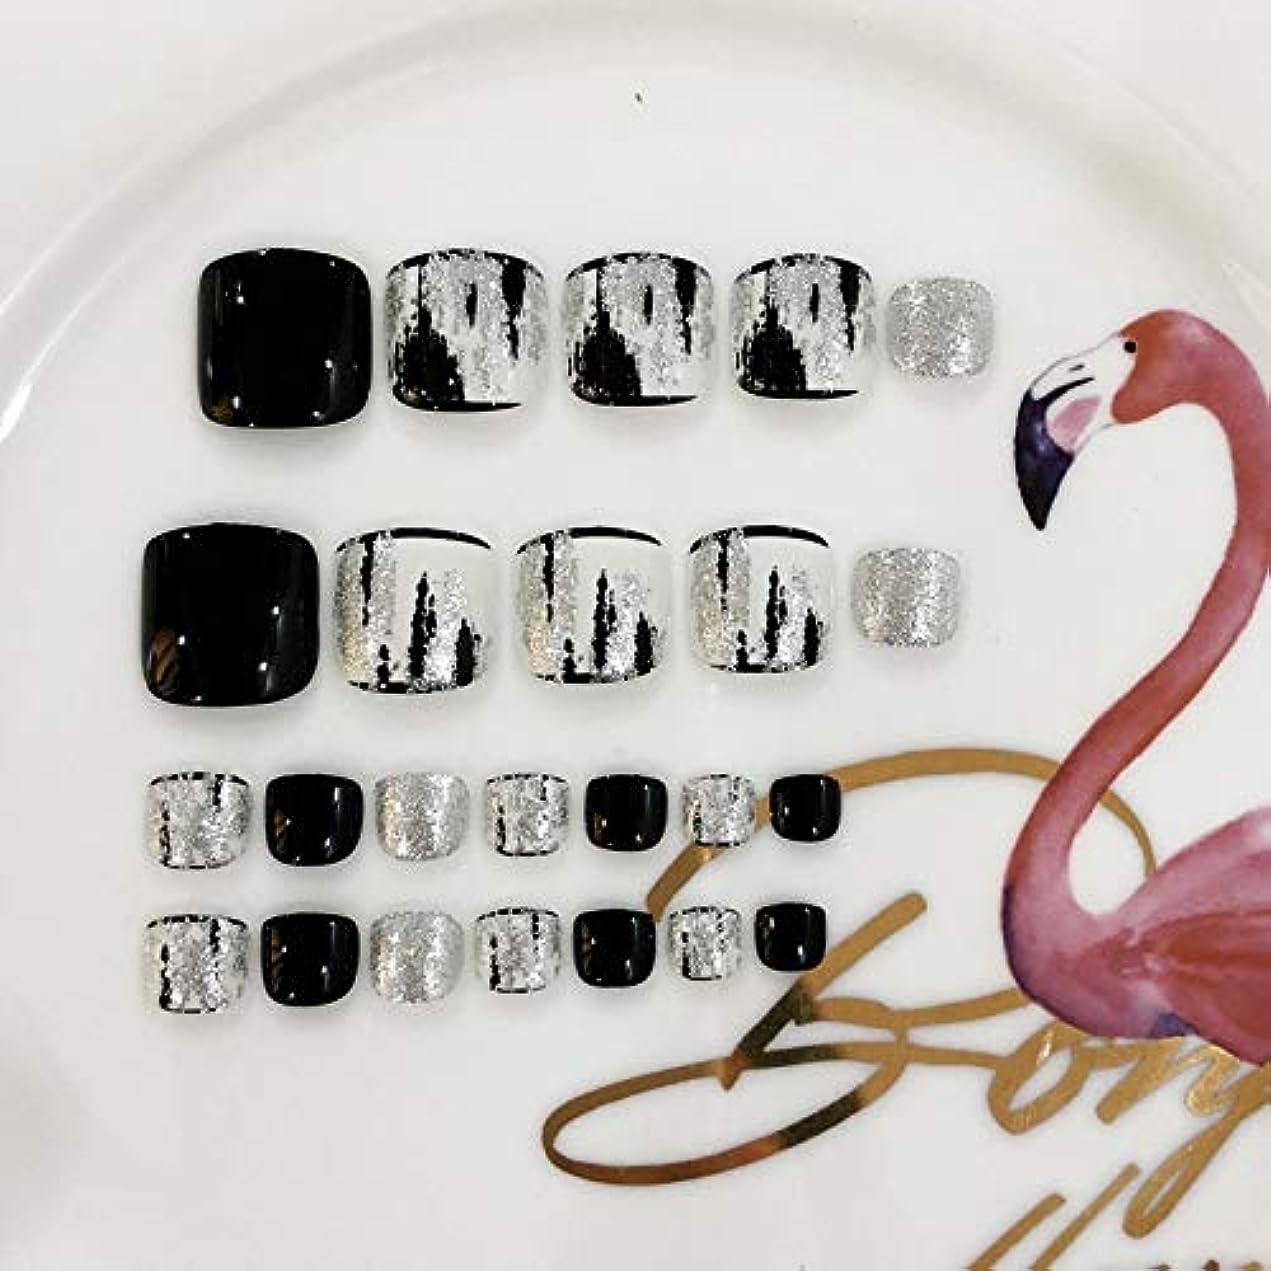 パウダーレーニン主義小康AFAEF HOME ブラックシルバー耐久性のある防水偽爪キット24個の偽爪、接着剤付き